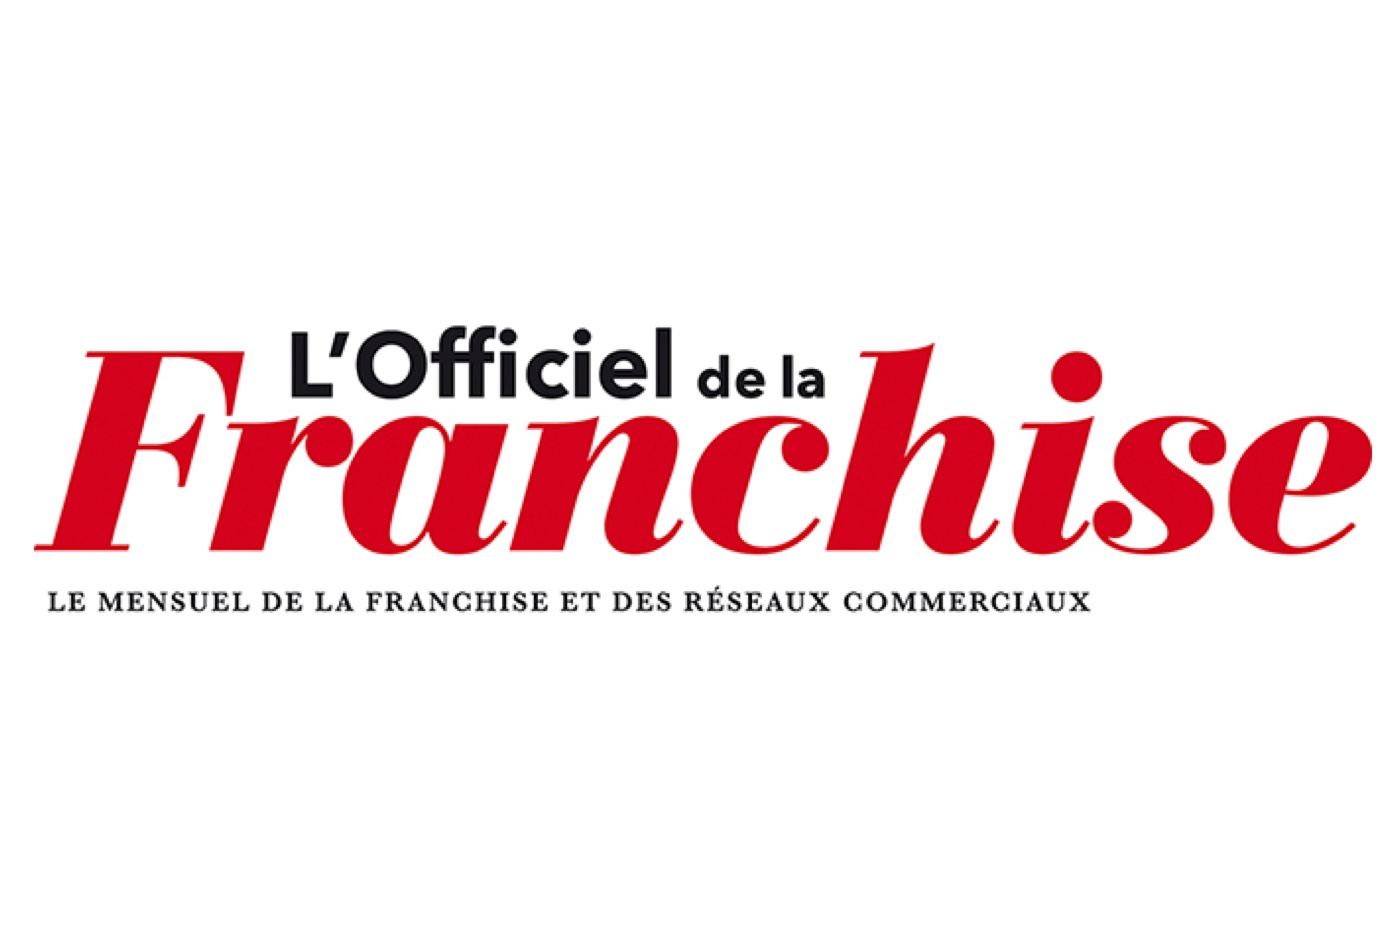 Soldes franchise